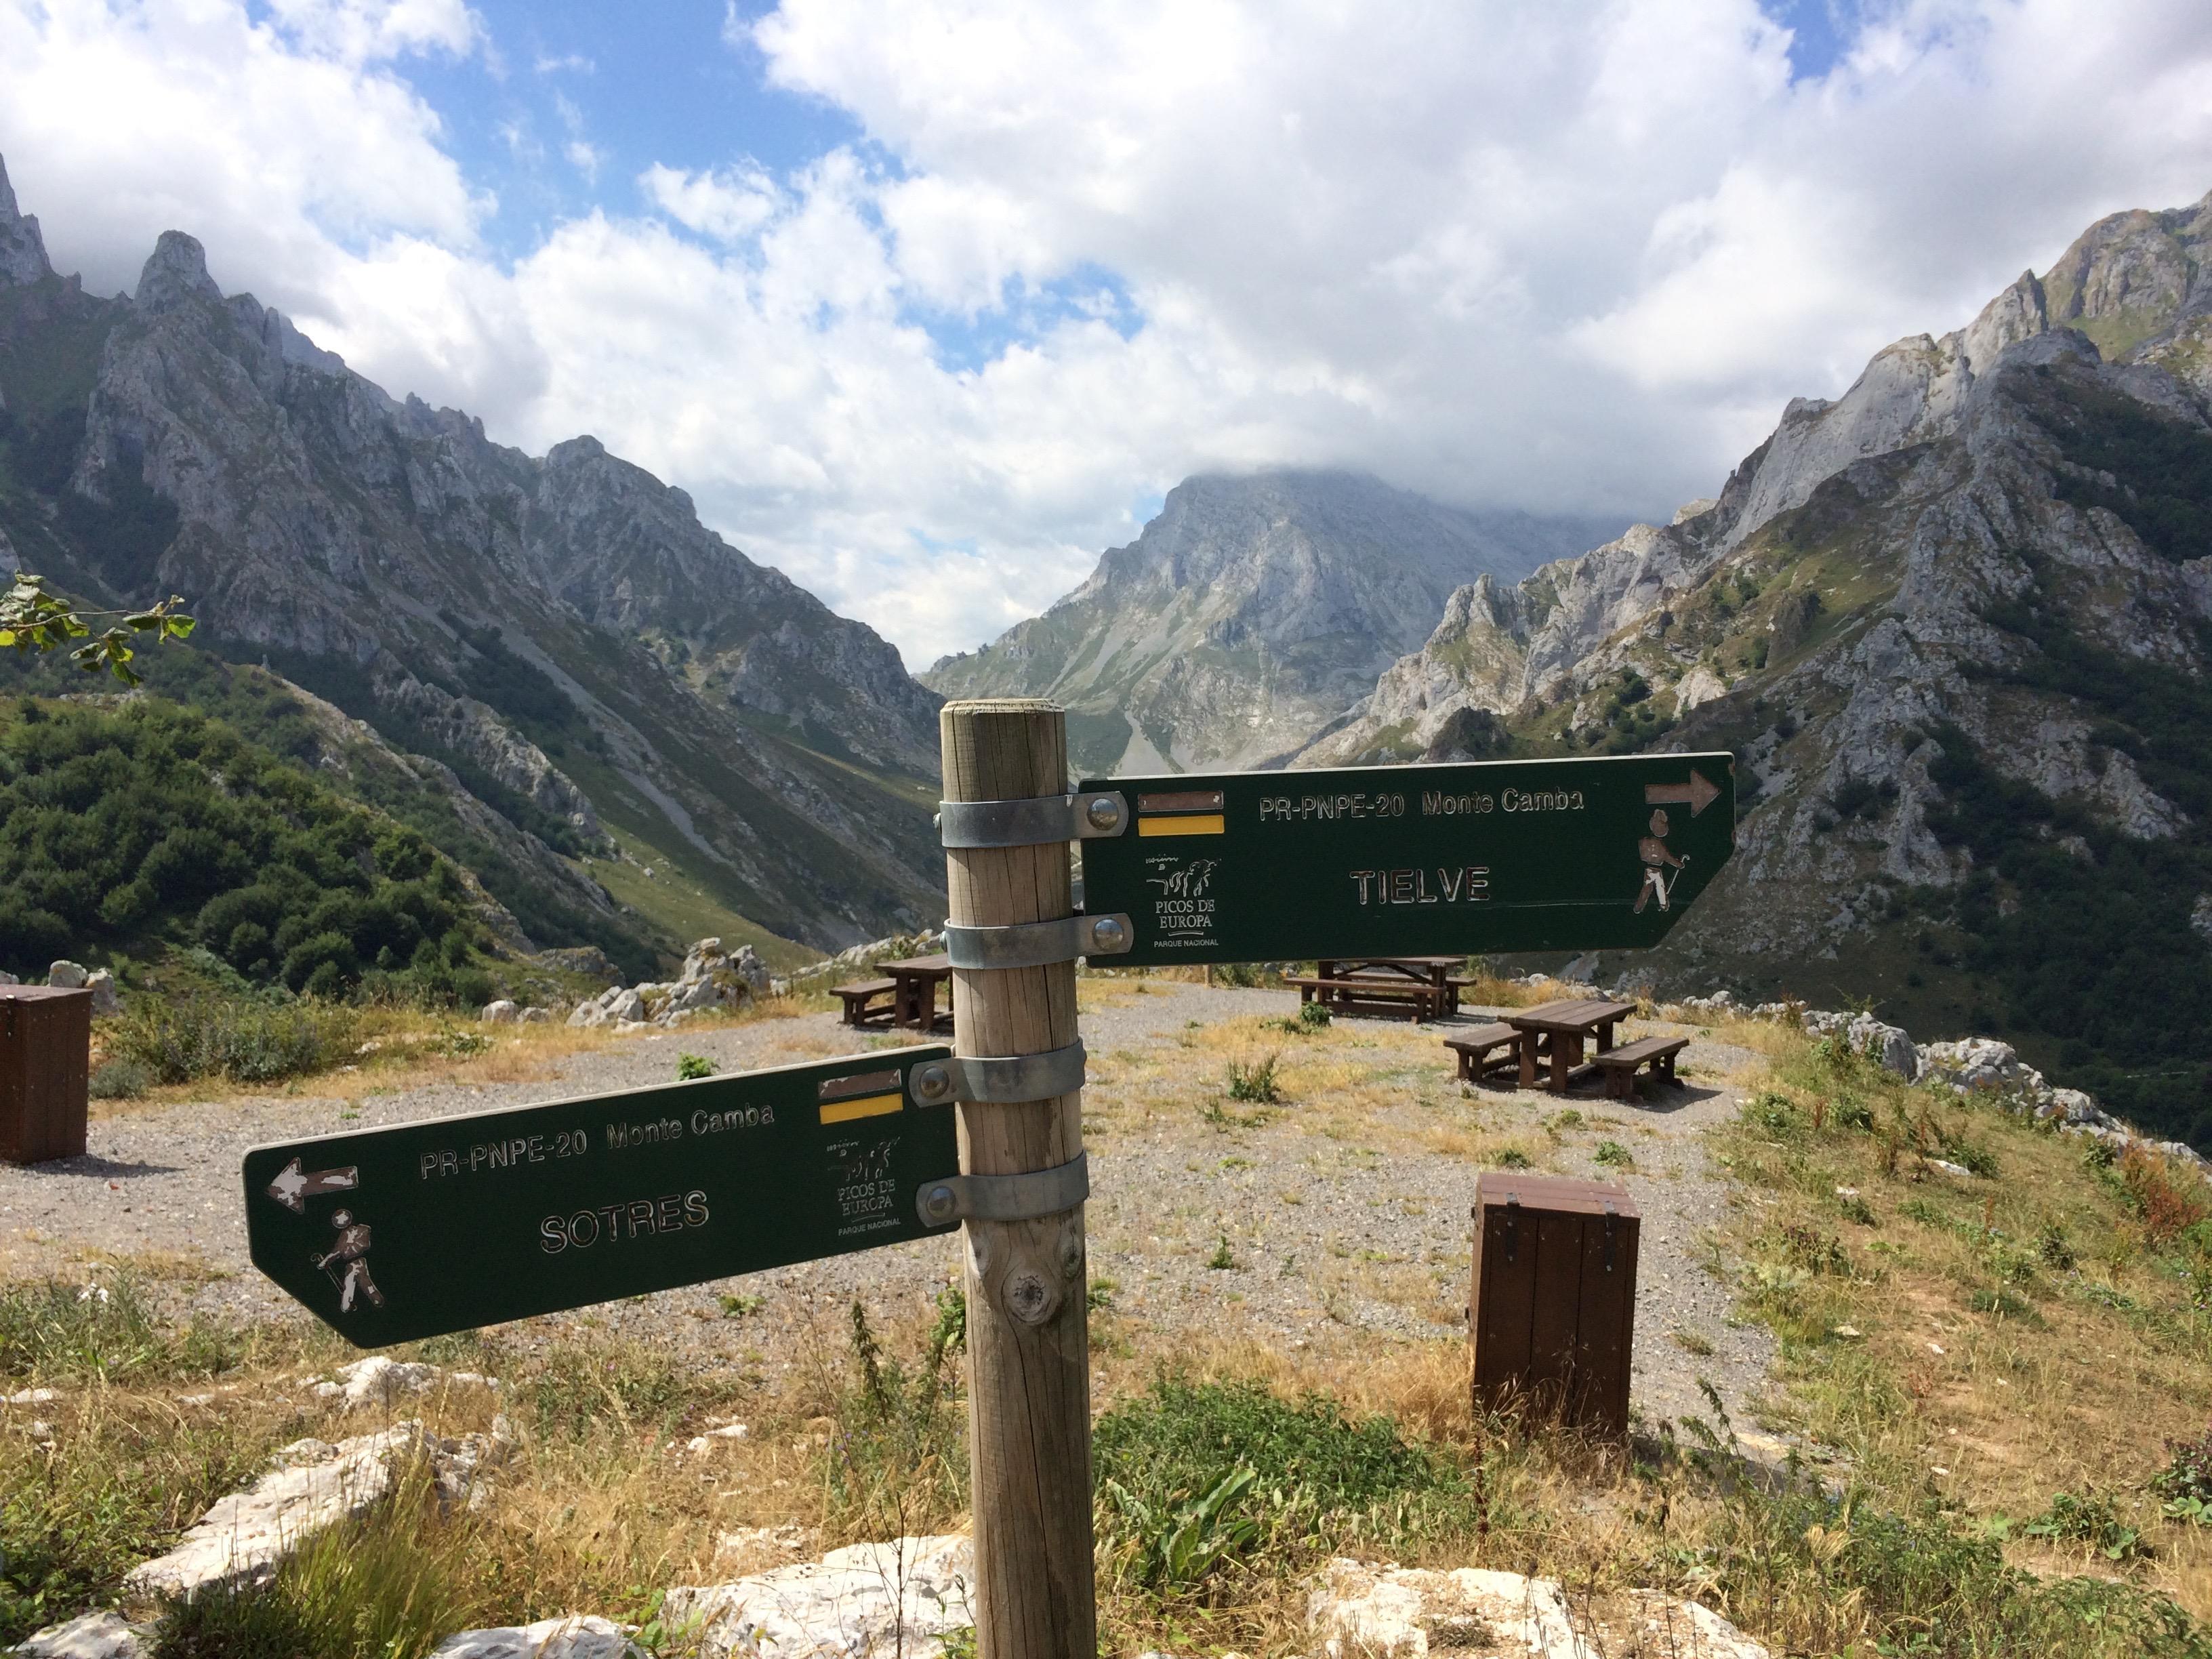 El turismo sostenible ayuda a paliar el envejecimiento en el medio rural